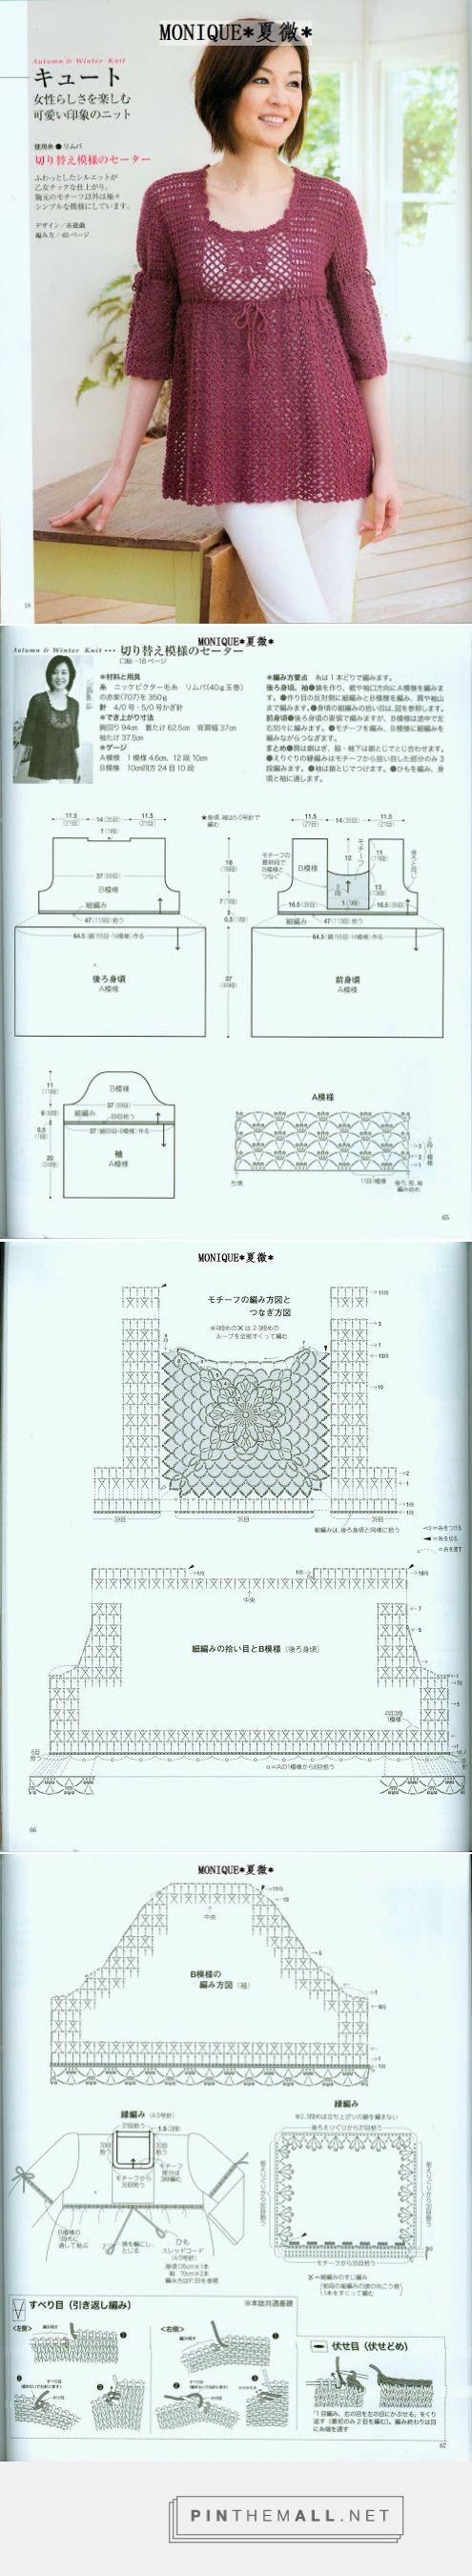 Croche Trico - Gráficos: Bata em croche ... - a immagini raggruppate foto - Pin Them All